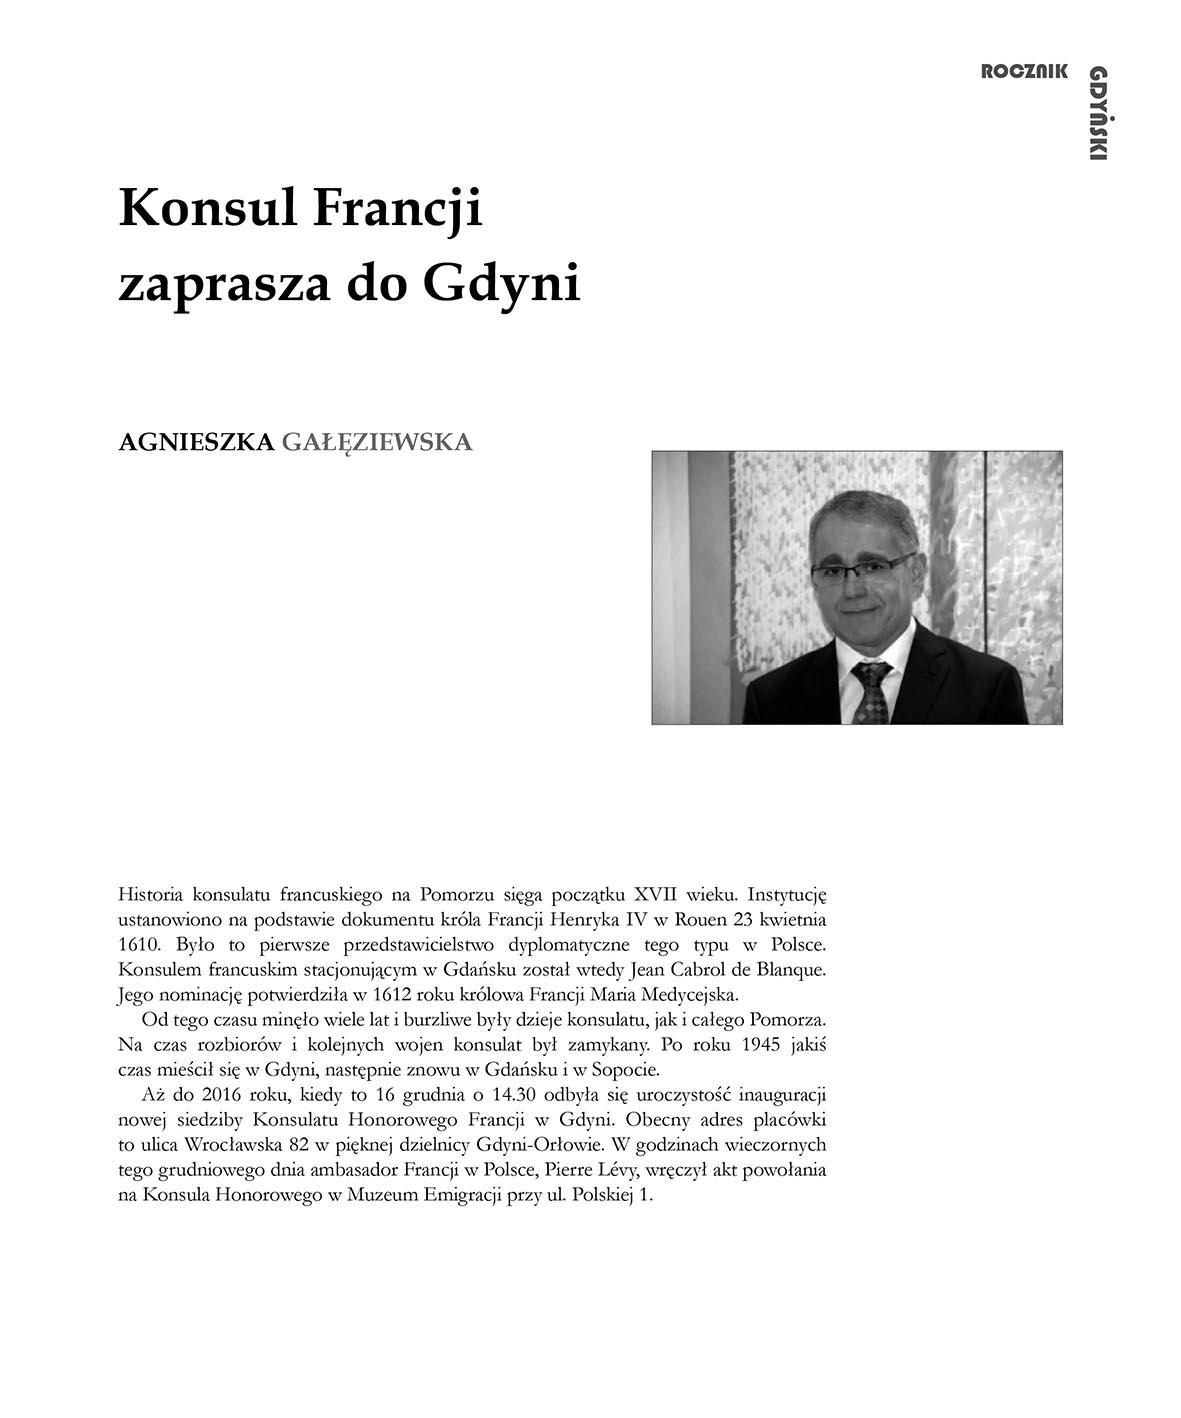 Konsul Francji zaprasza do Gdyni